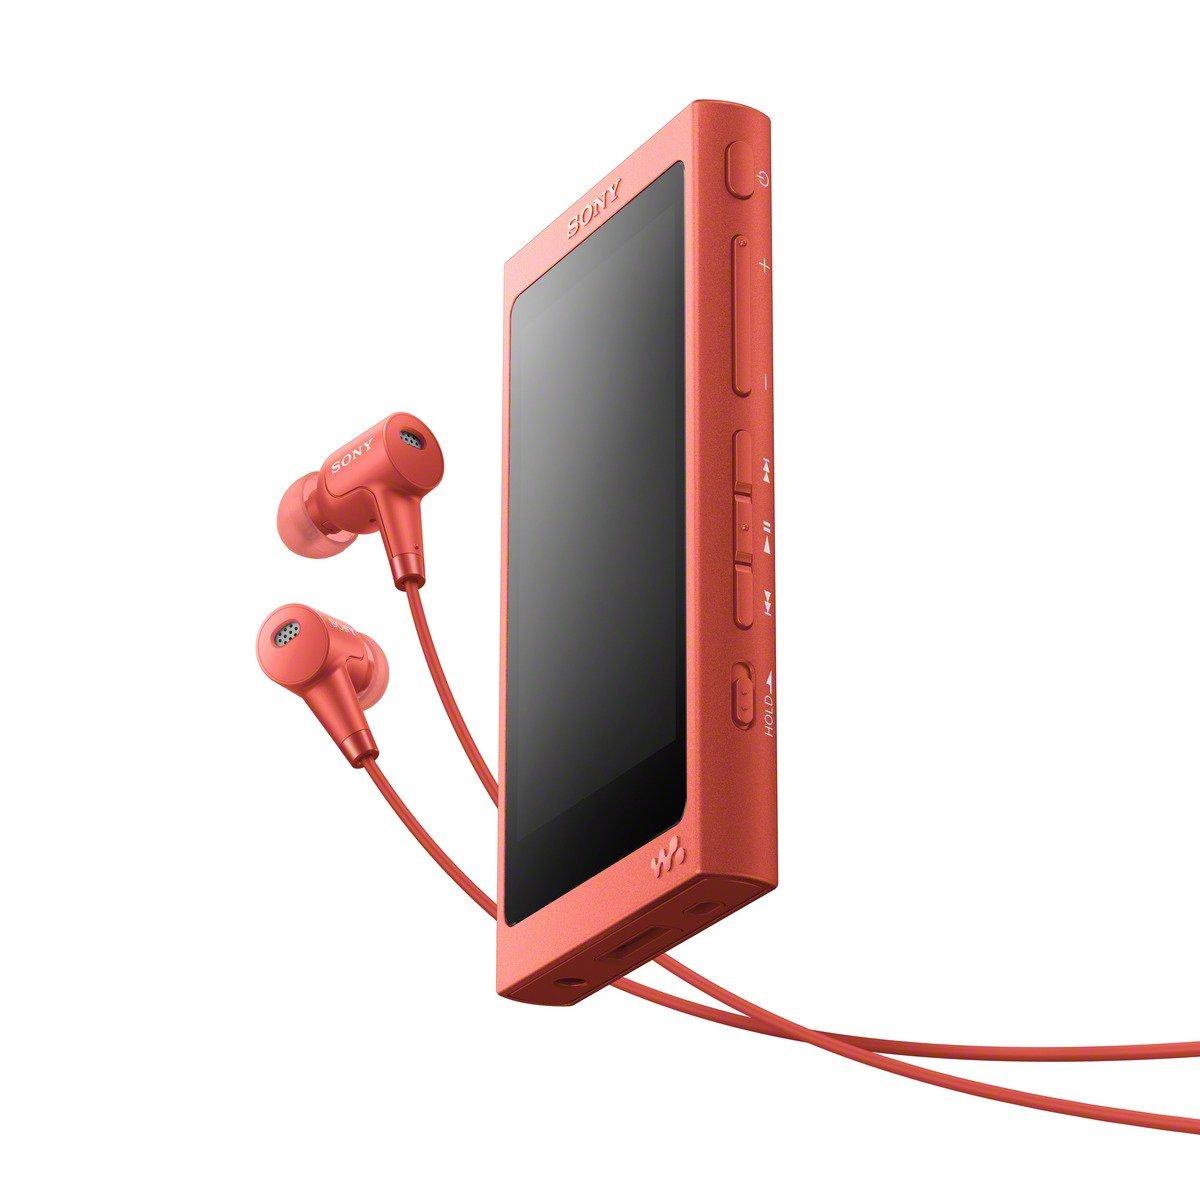 Sony NWA45HN - Reproductor de audio Walkman (16 GB, Hi-res audio, DSD, DSEE HX, S-Master HX, NFC, Noise Cancelling digital, 45 horas de reproducción, incluye auriculares intraurales), rojo crepuscular